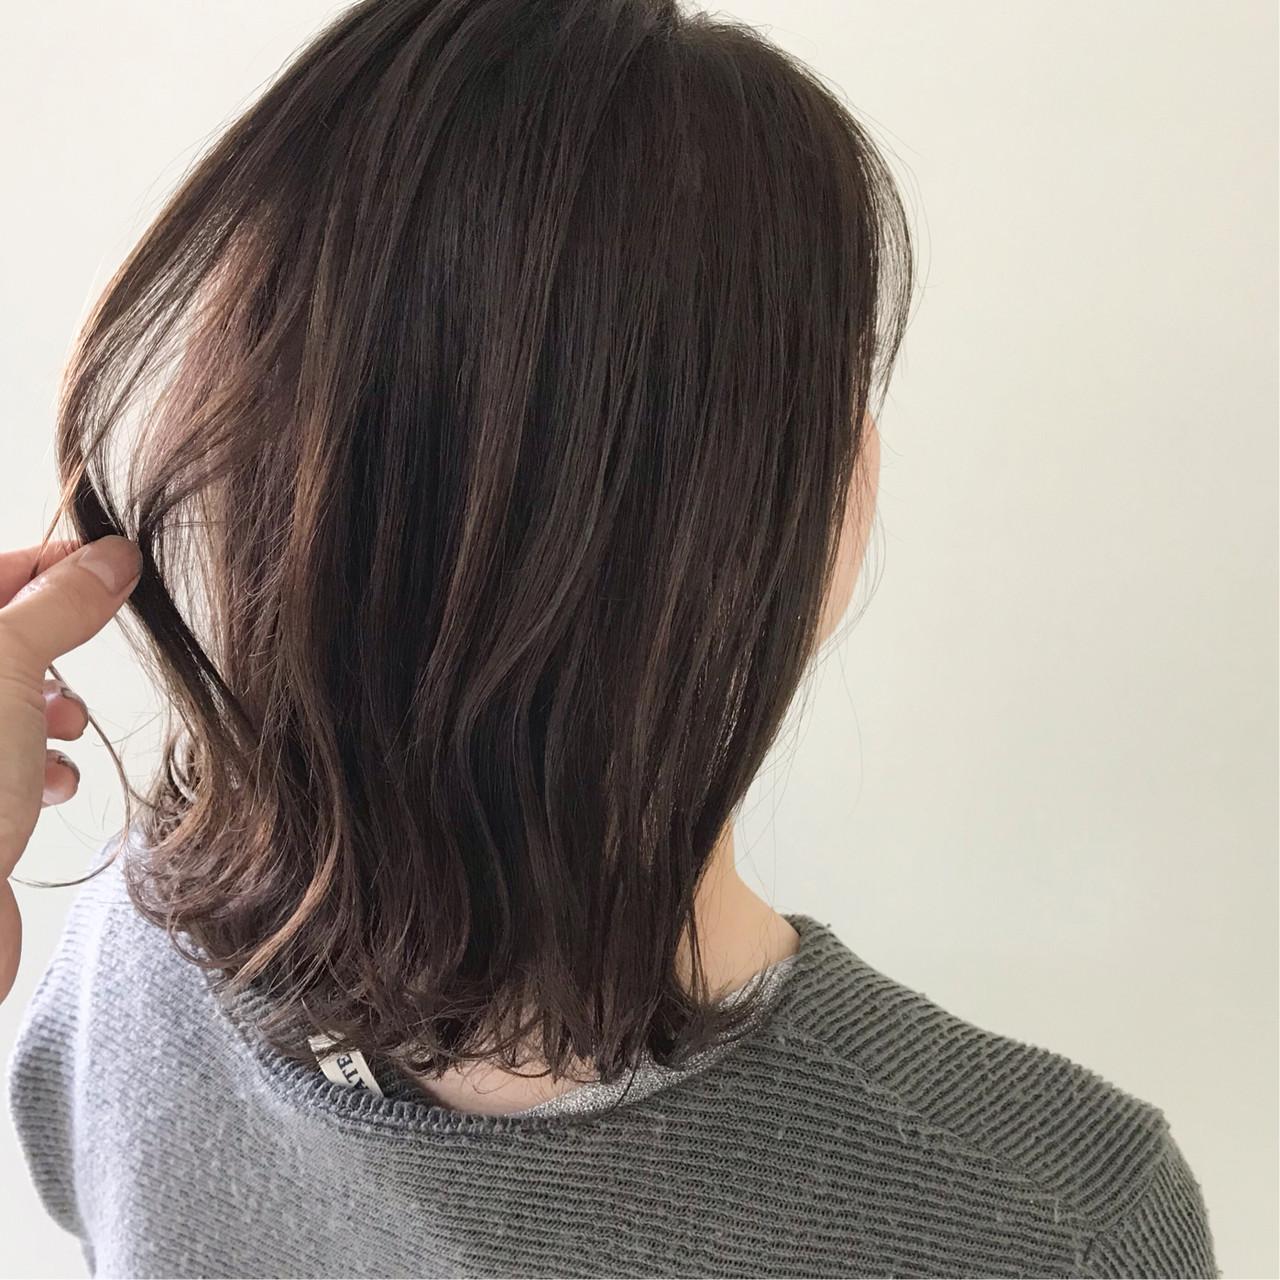 アンニュイほつれヘア オフィス 外ハネボブ デートヘアスタイルや髪型の写真・画像